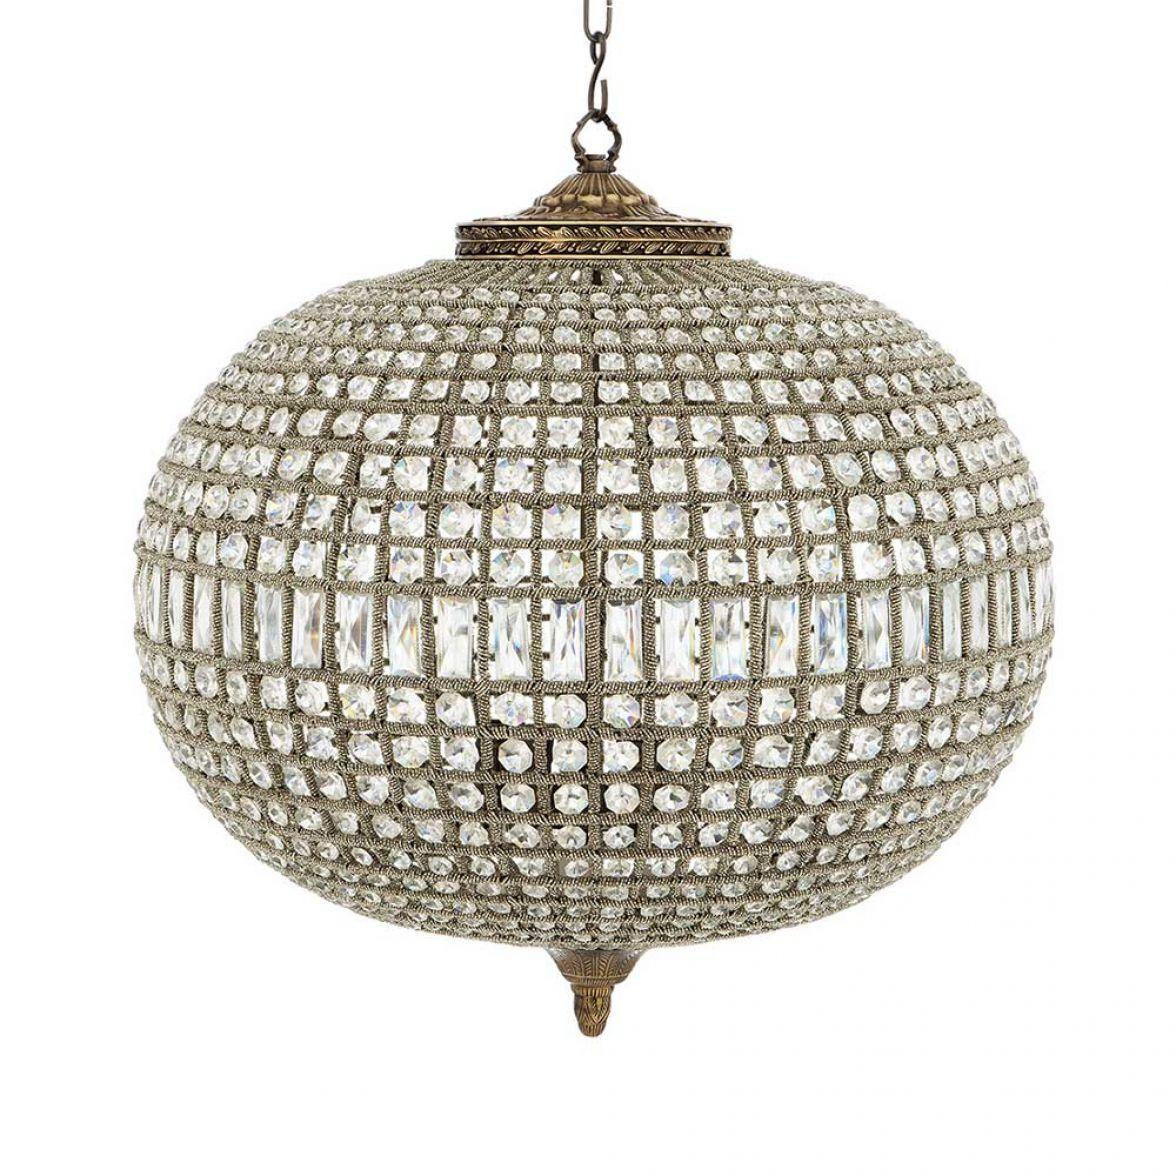 Kasbah oval chandelier L